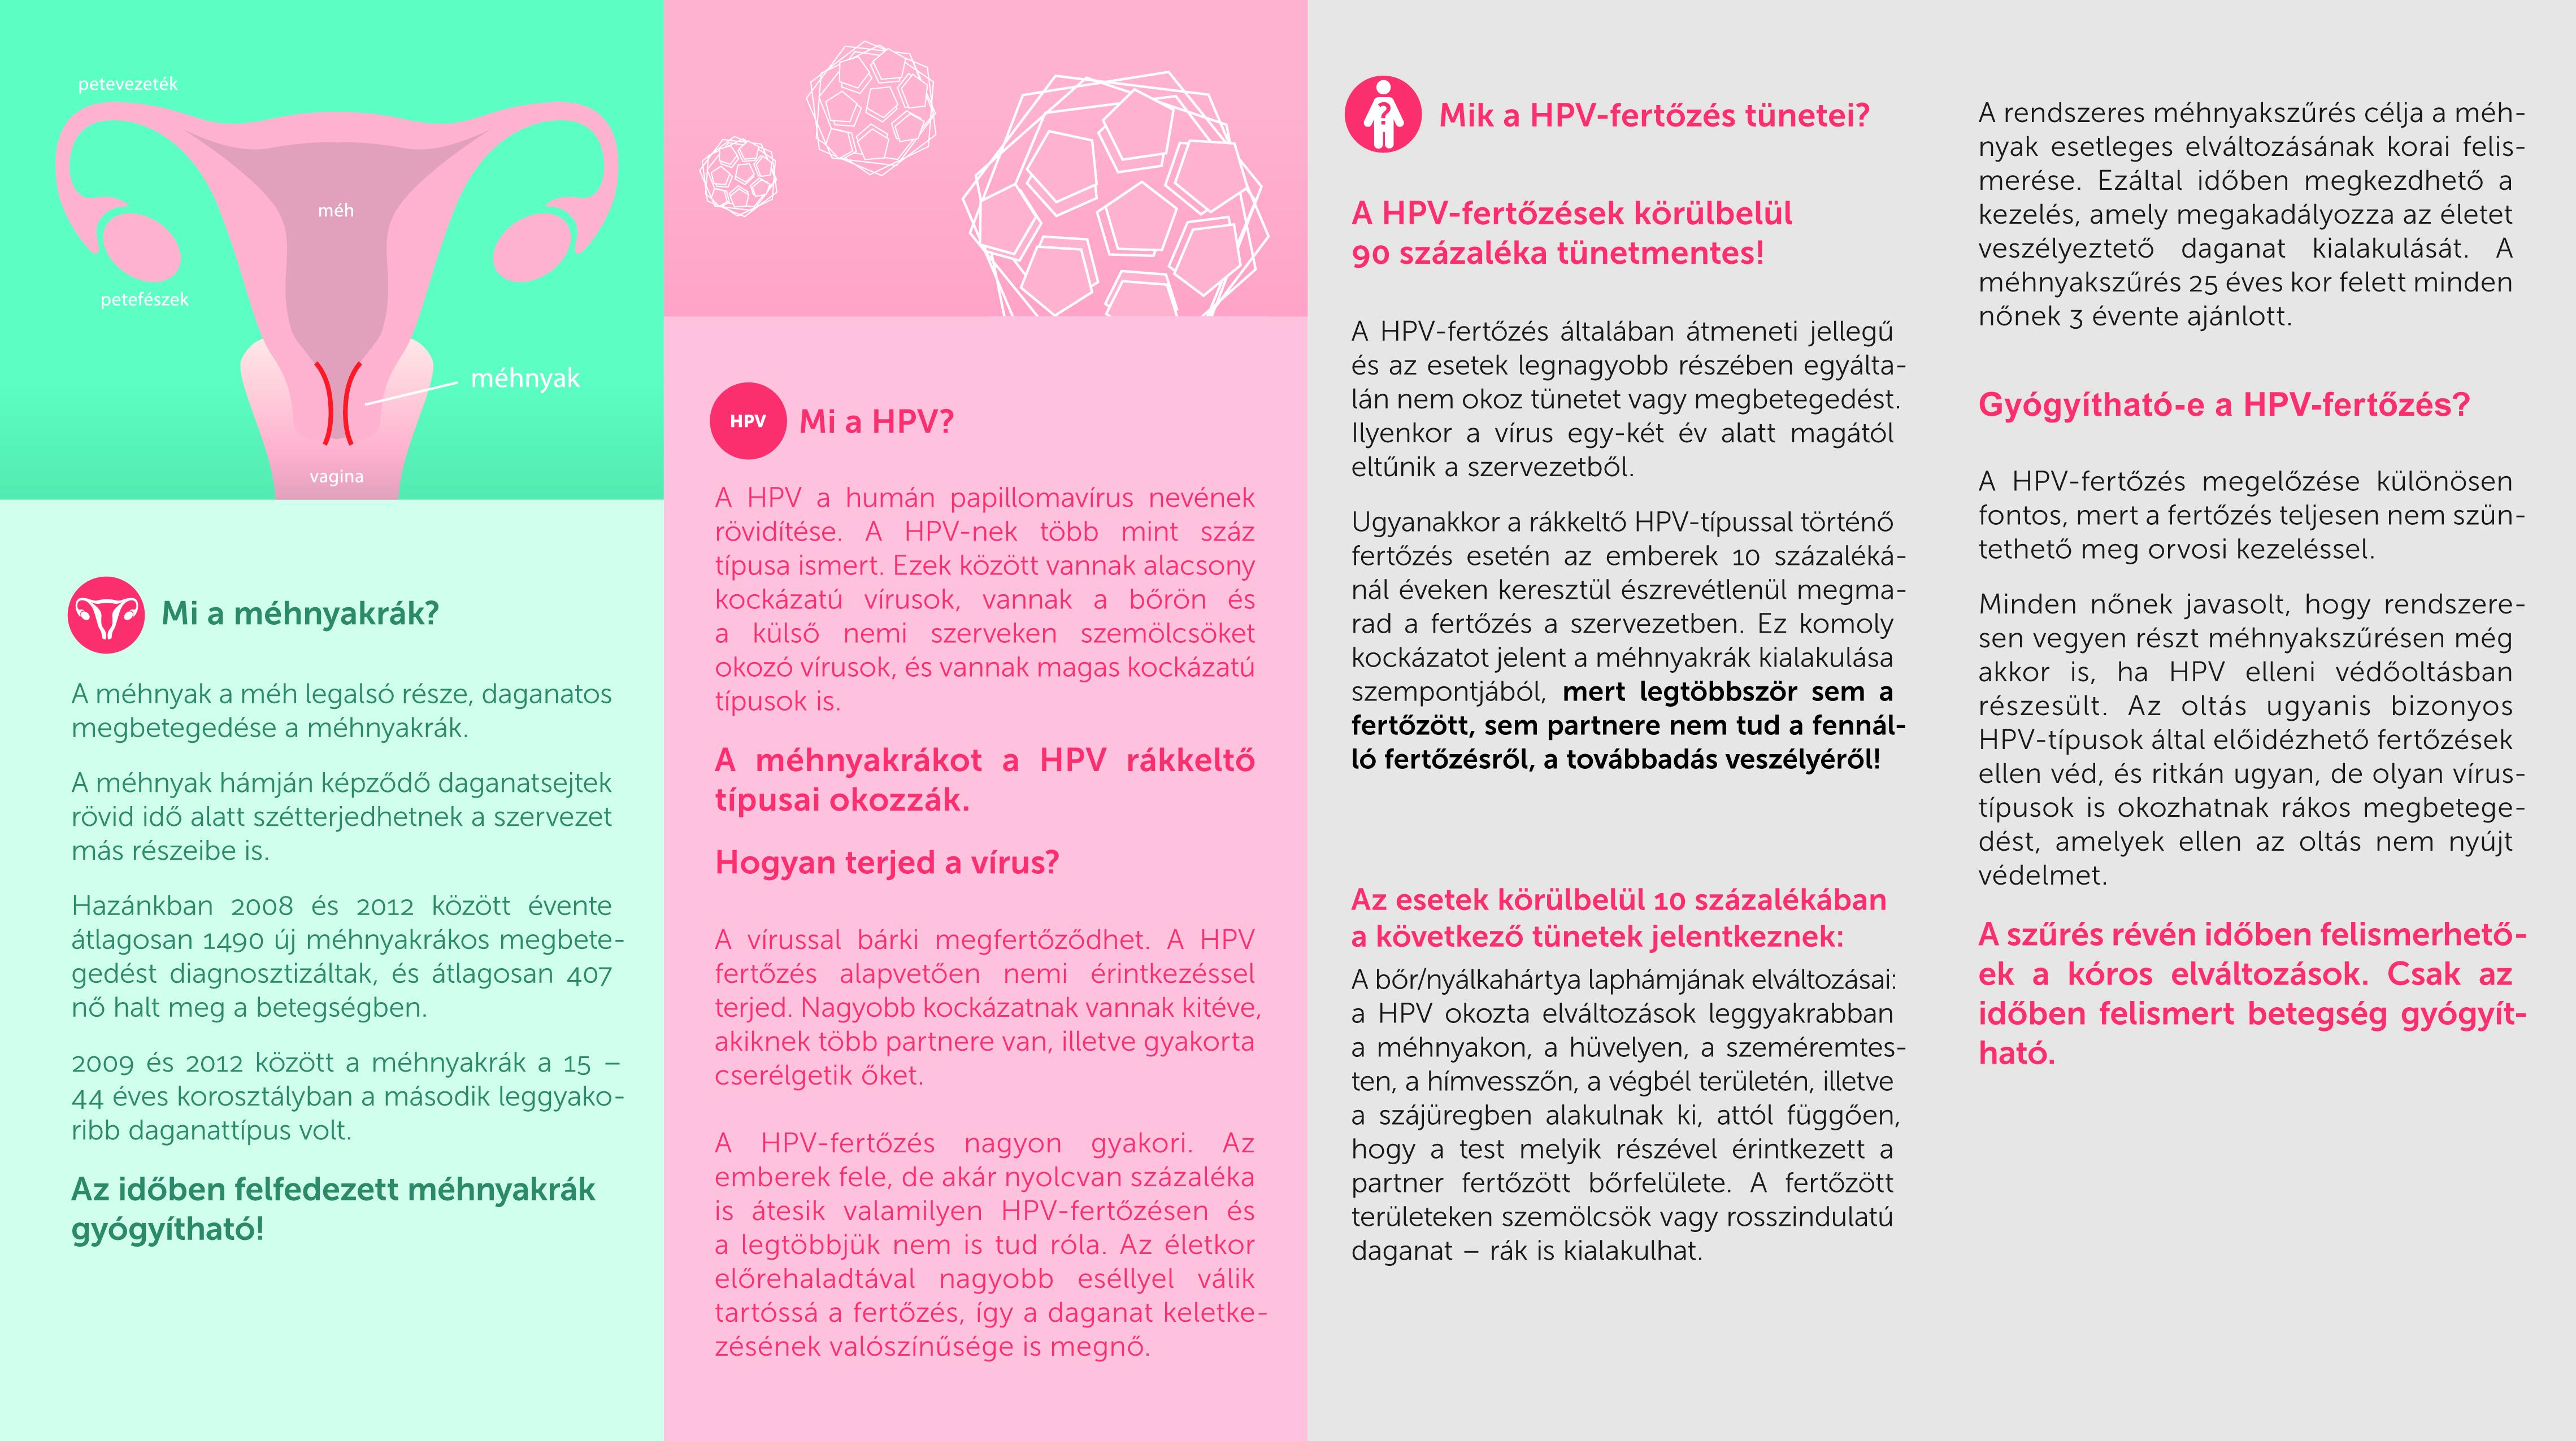 humán papillomavírus hpv megelőzése)